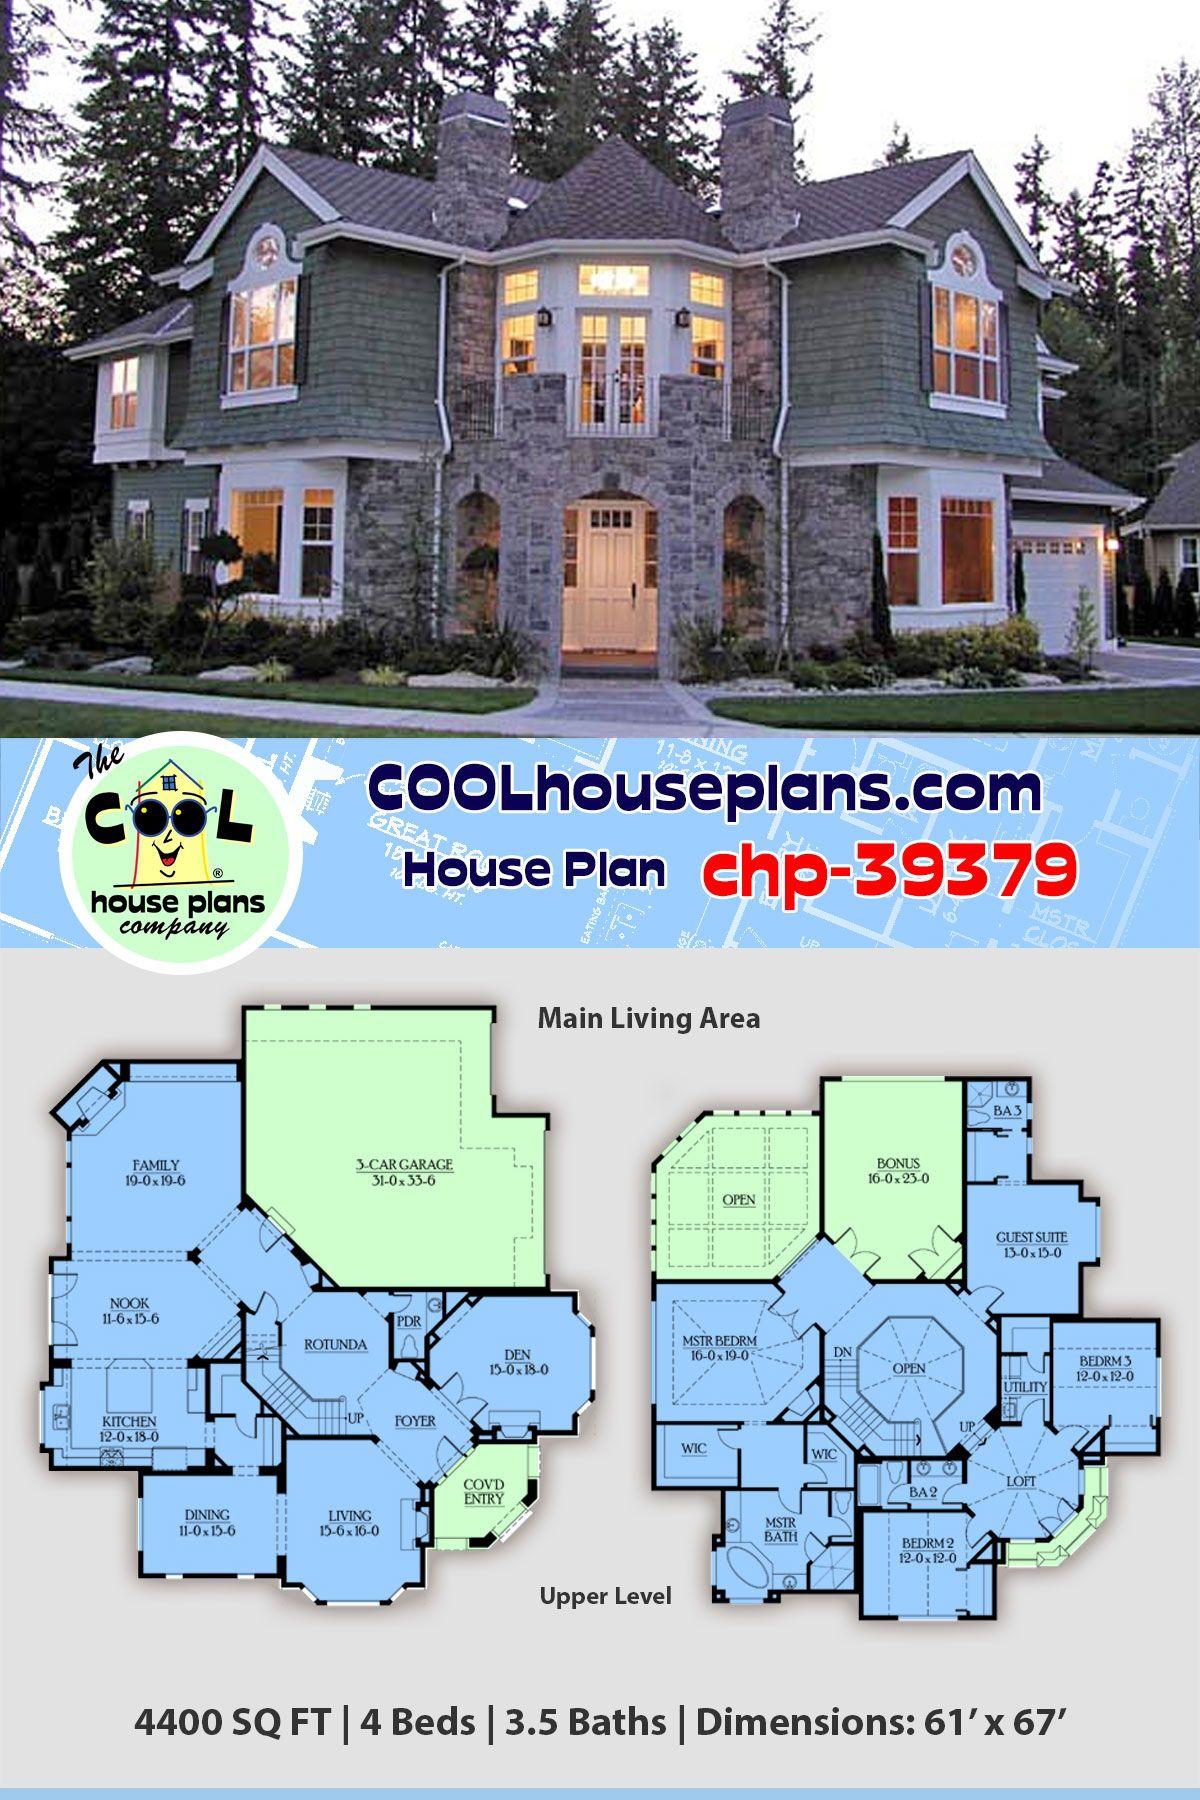 House Plan Chp 39379 Plans De Maison De Luxe Plans De Maison De Famille Maison Sims